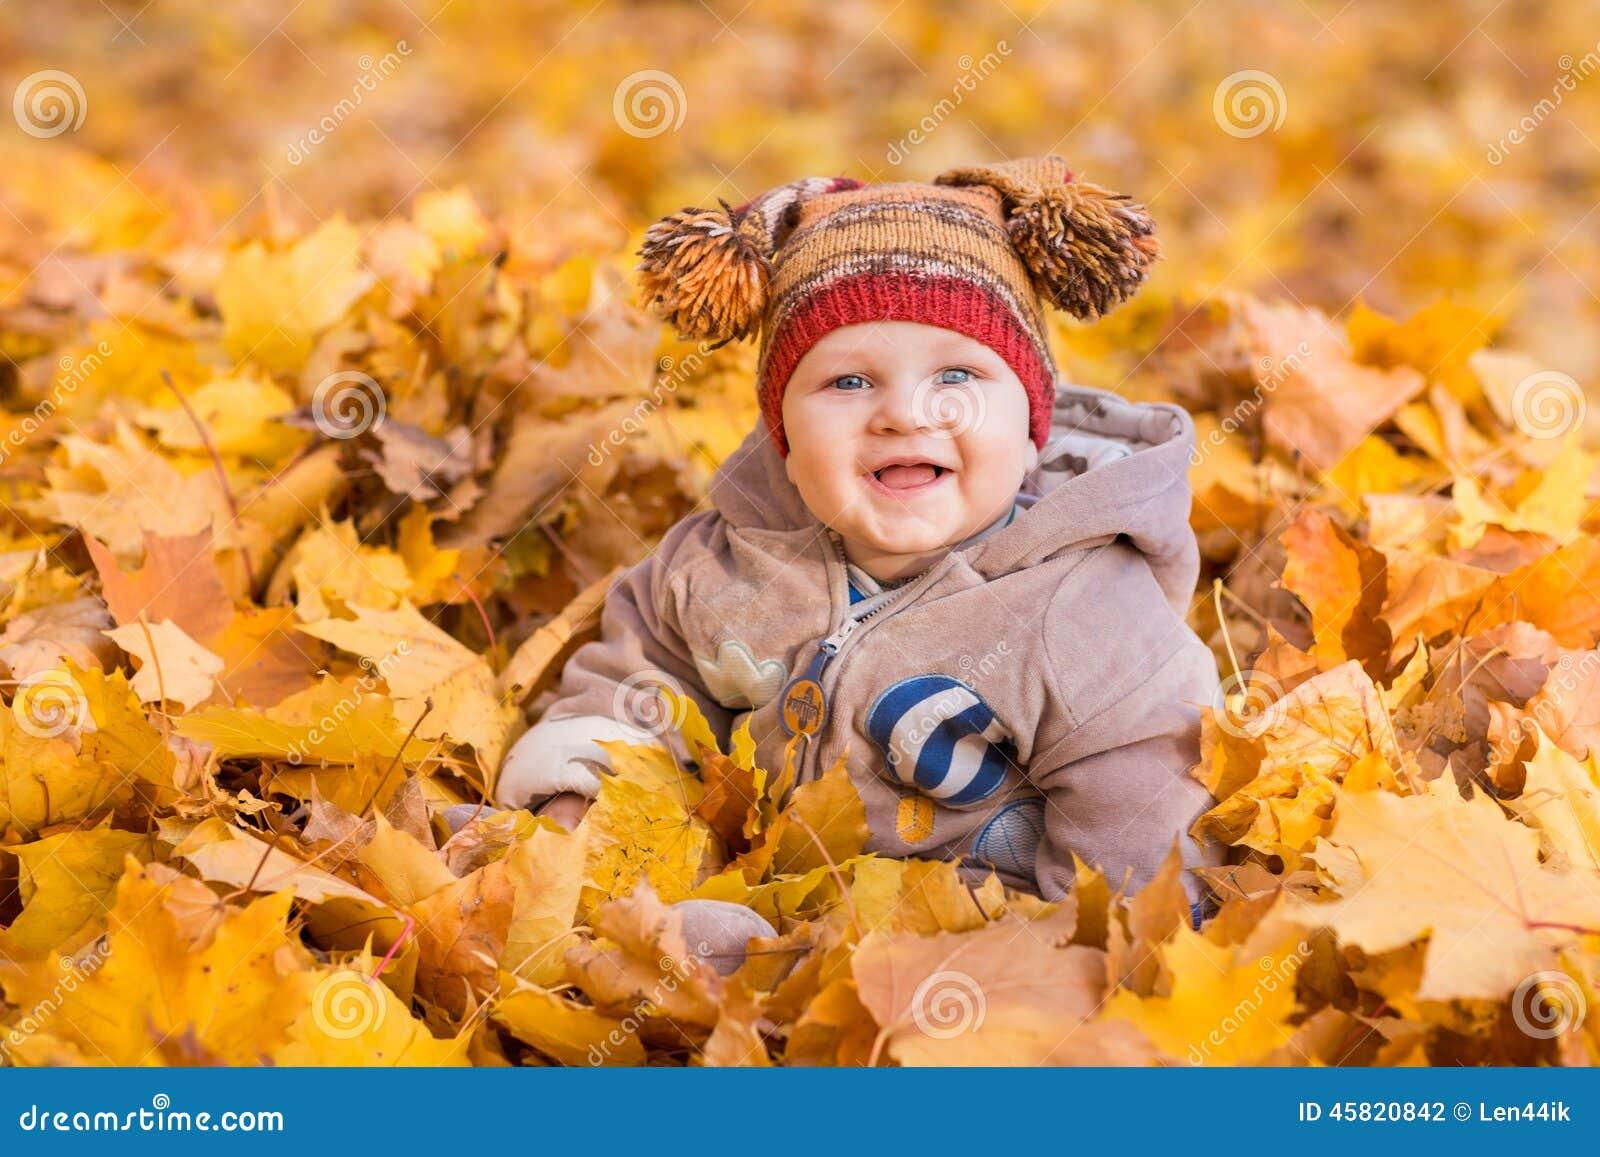 Фото осени природа и дети